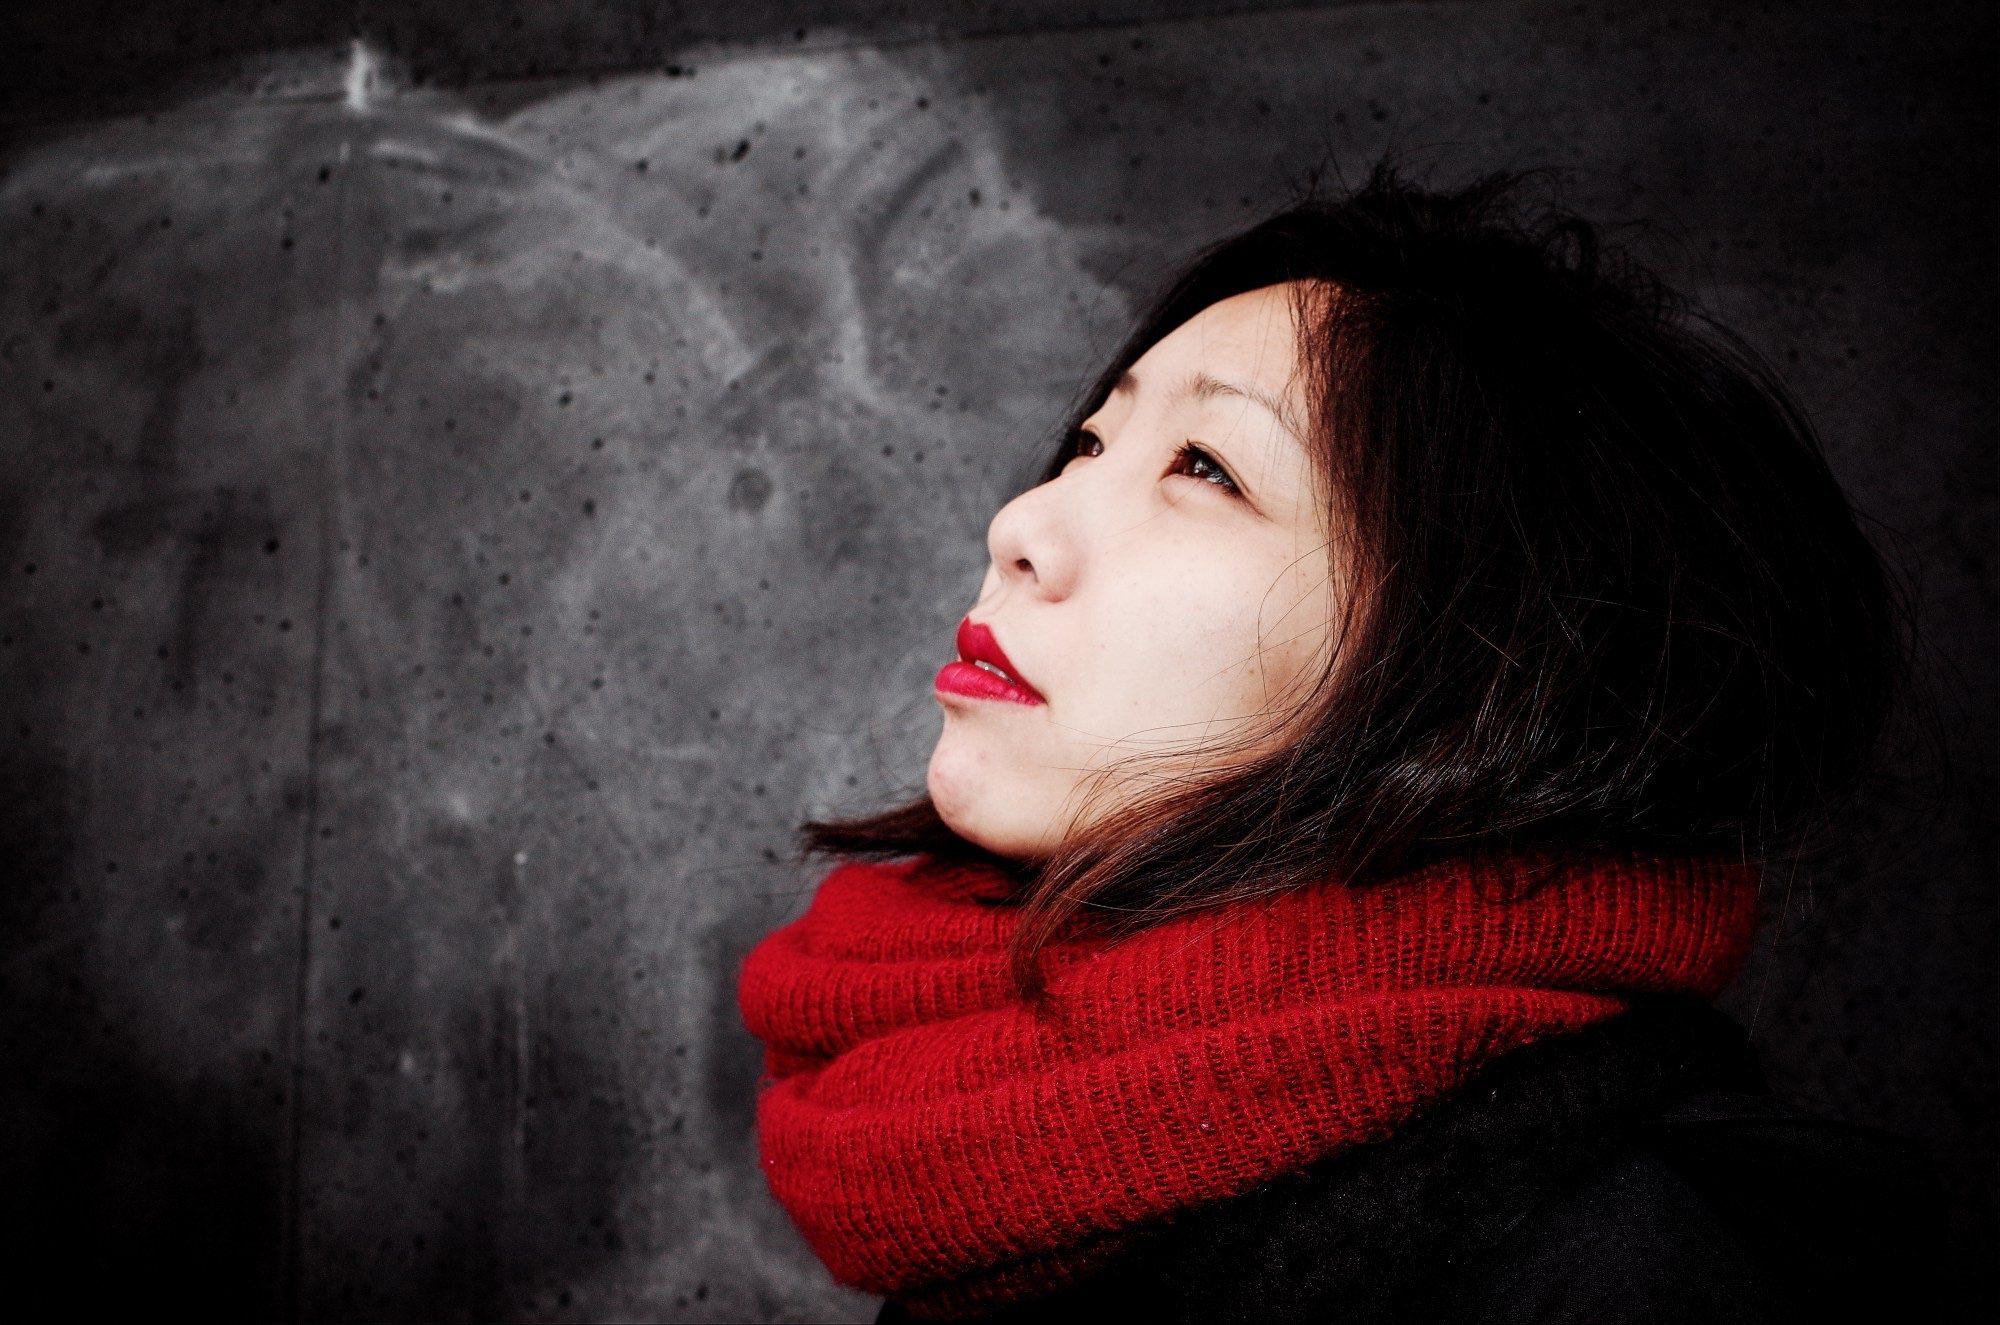 Cindy red scarf selfie